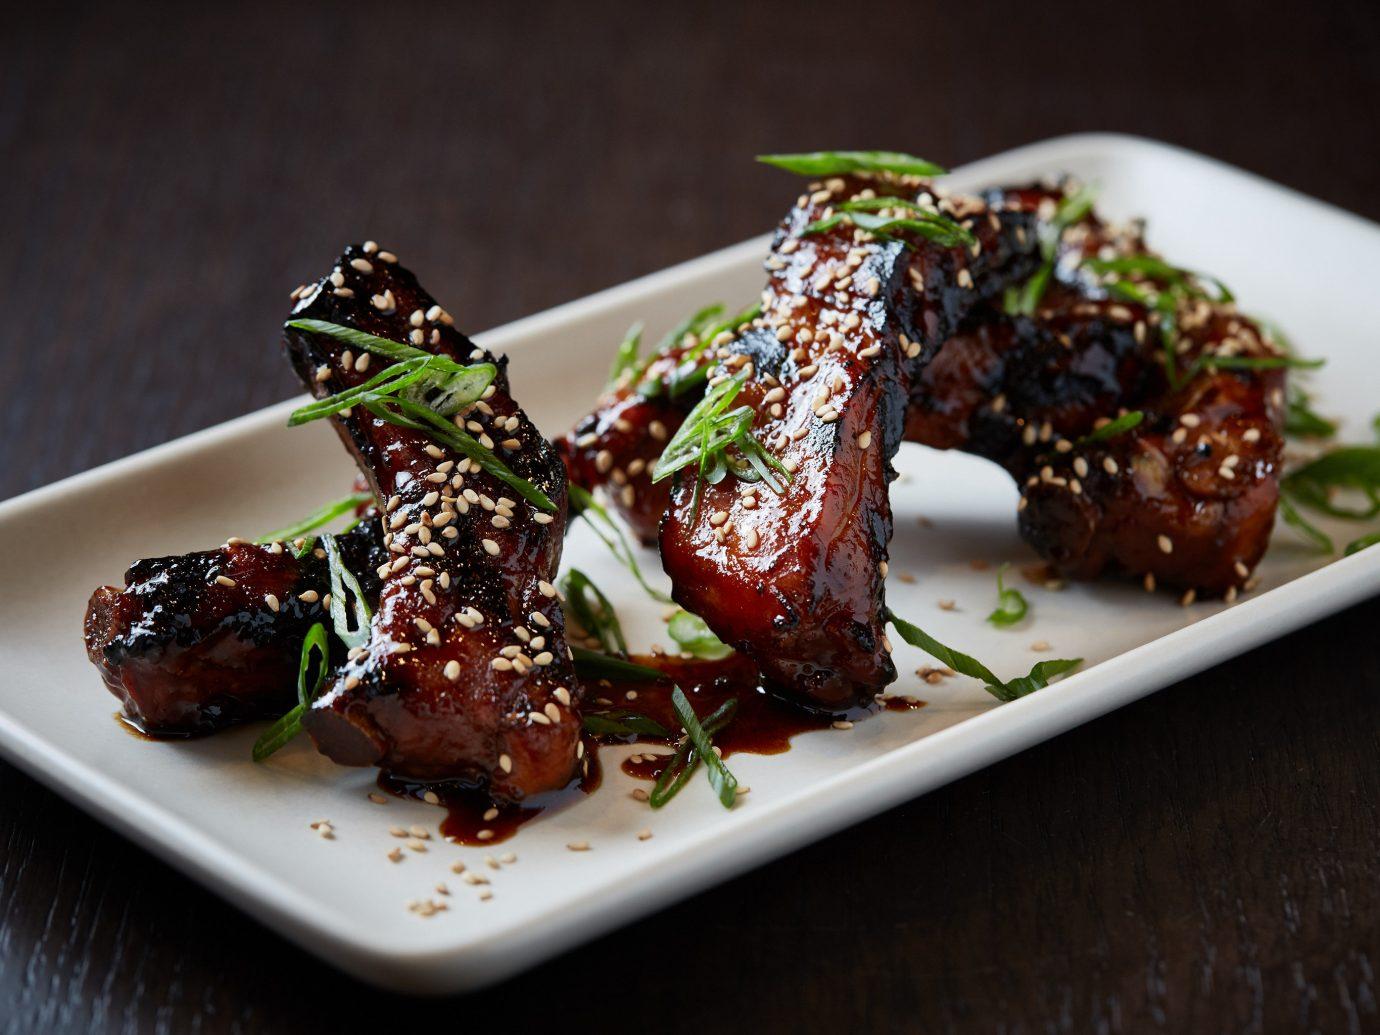 Trip Ideas plate food dish meat produce vegetable cuisine asian food meal piece de resistance